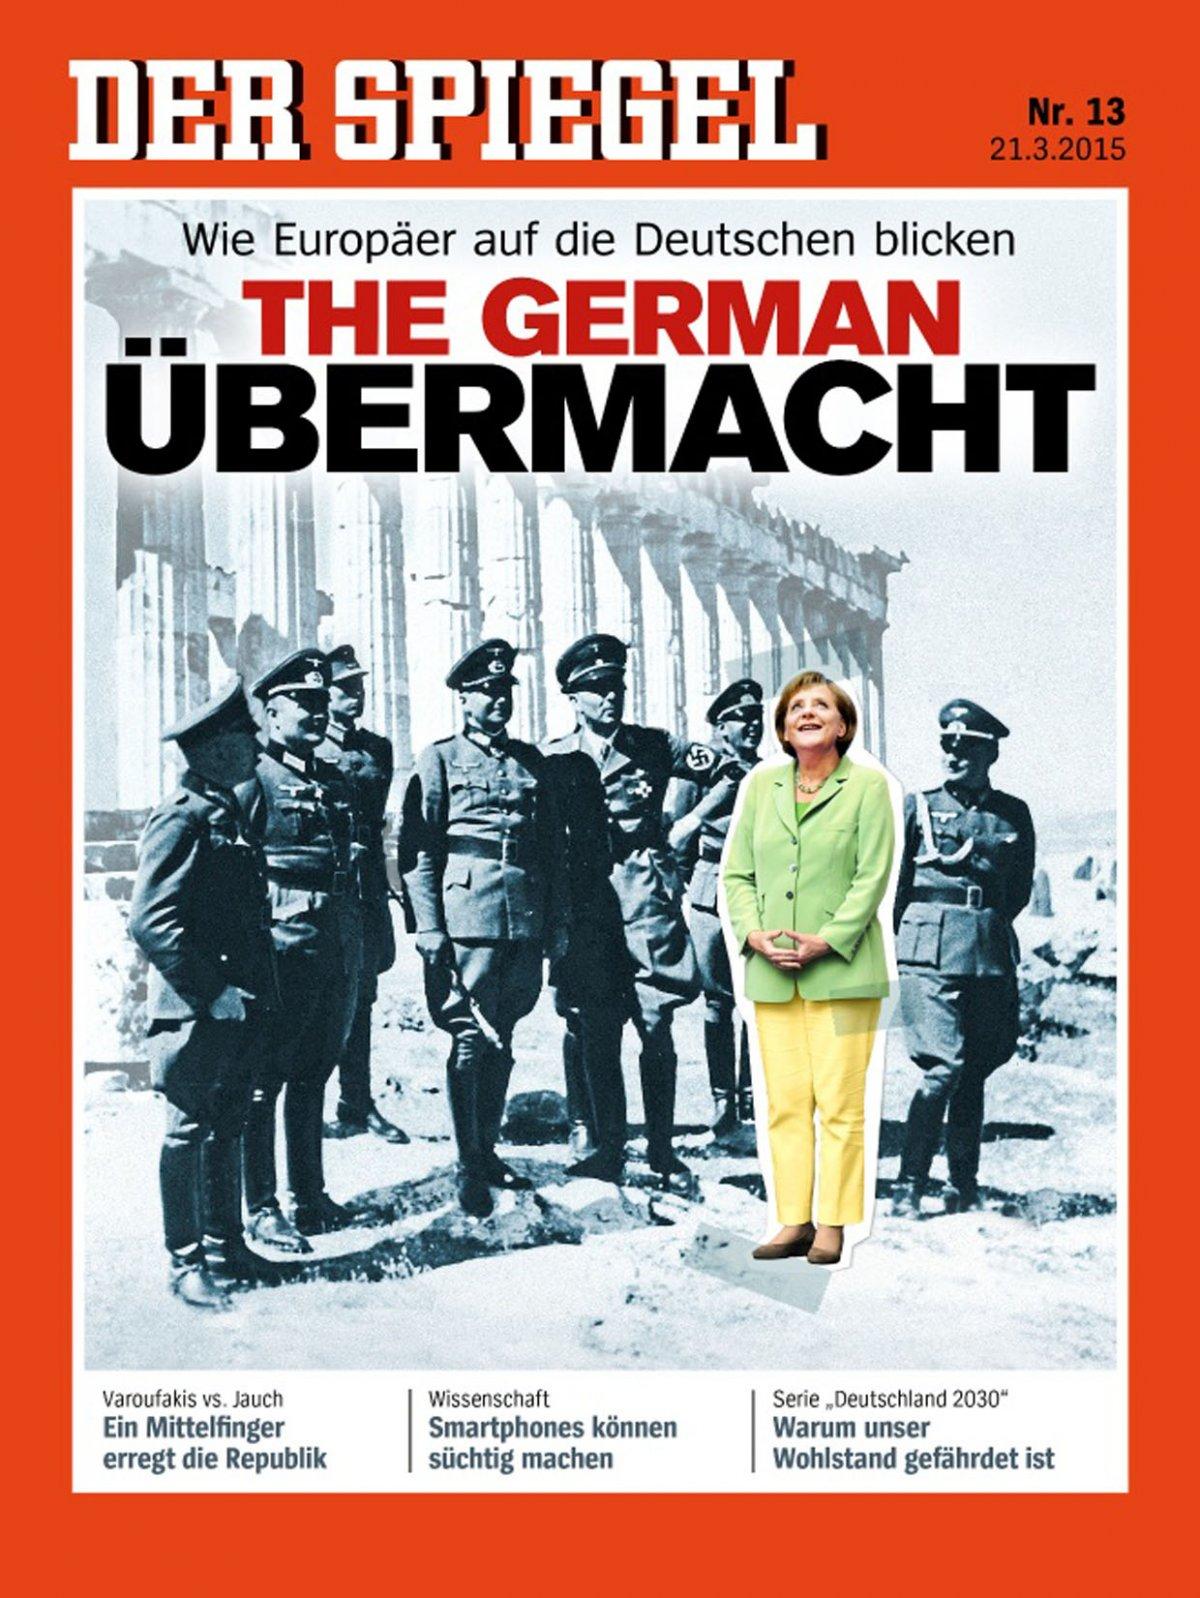 A Spiegel márciusi, botrányos címlapja, amin arra utaltak, hogyan látják Németországot Európában